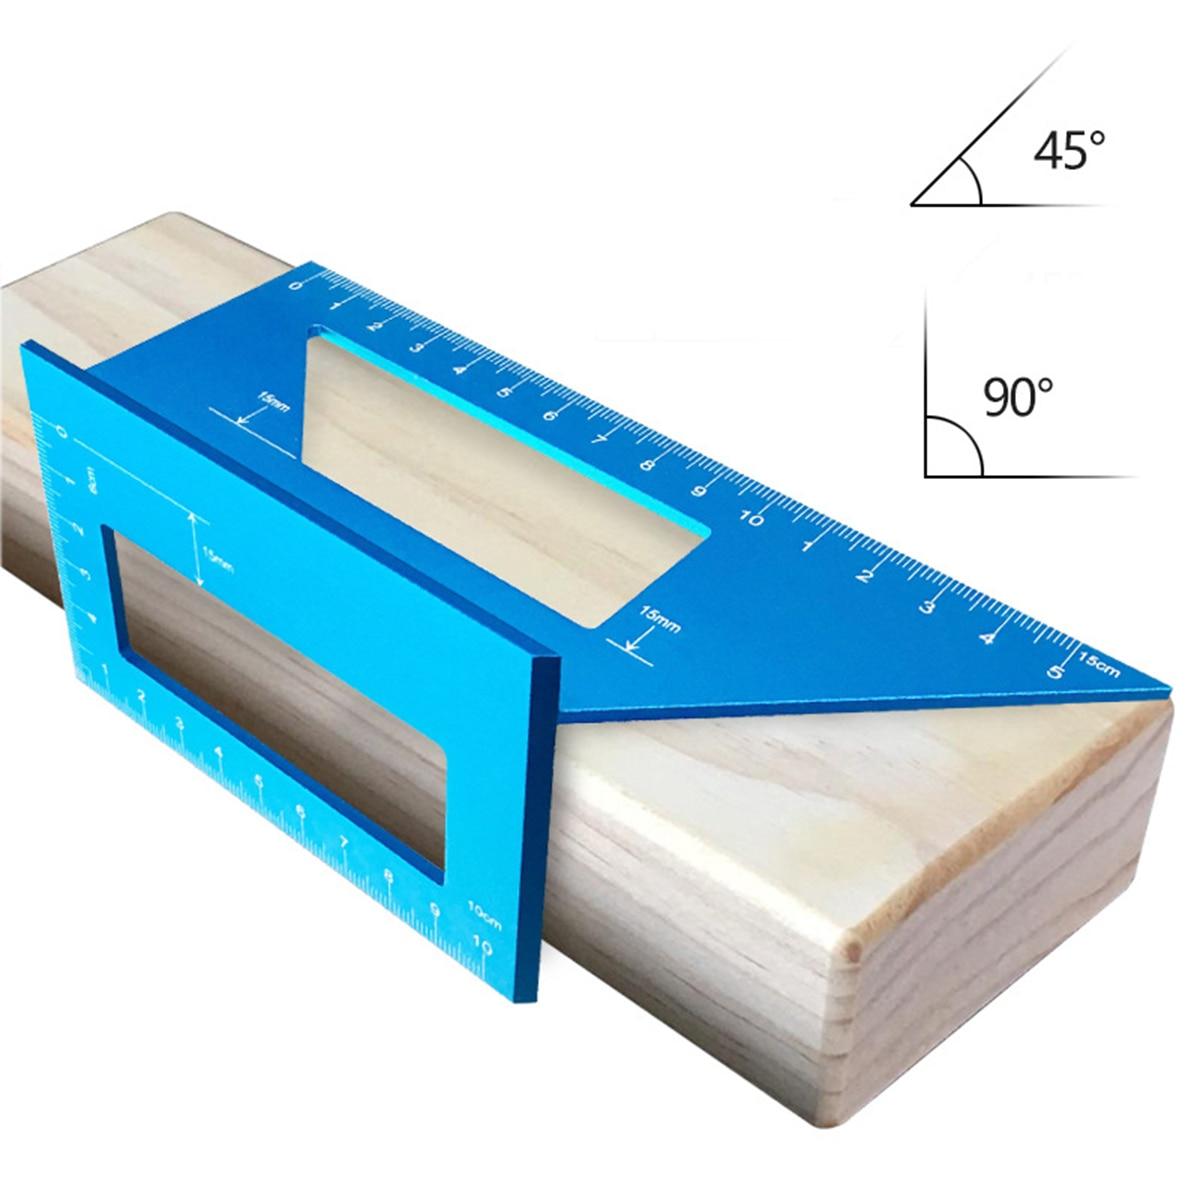 מערכות שמע נייד סגסוגת האלומיניום ניגרת כיכר משולבת 45 מעלות 90 מעלות מד זווית מד זוית מעל כלים לעיבוד עץ שליט (1)